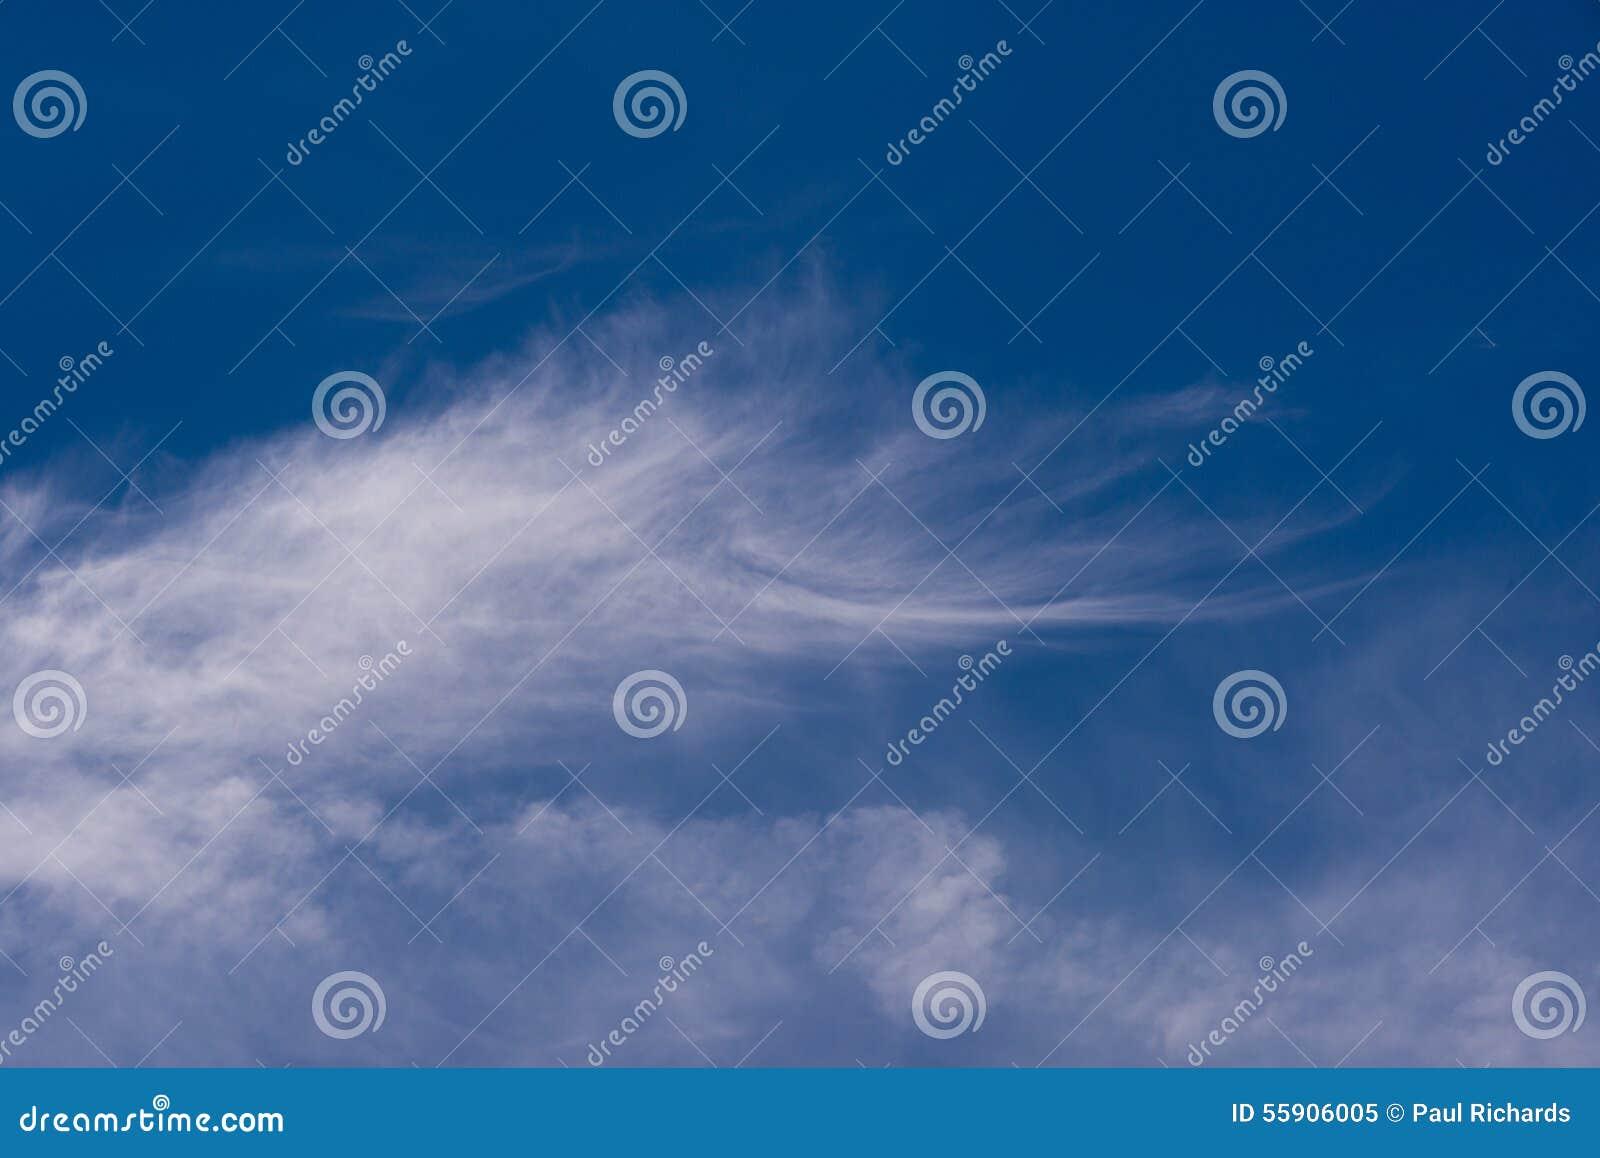 Σύννεφα στην Κορνουάλλη